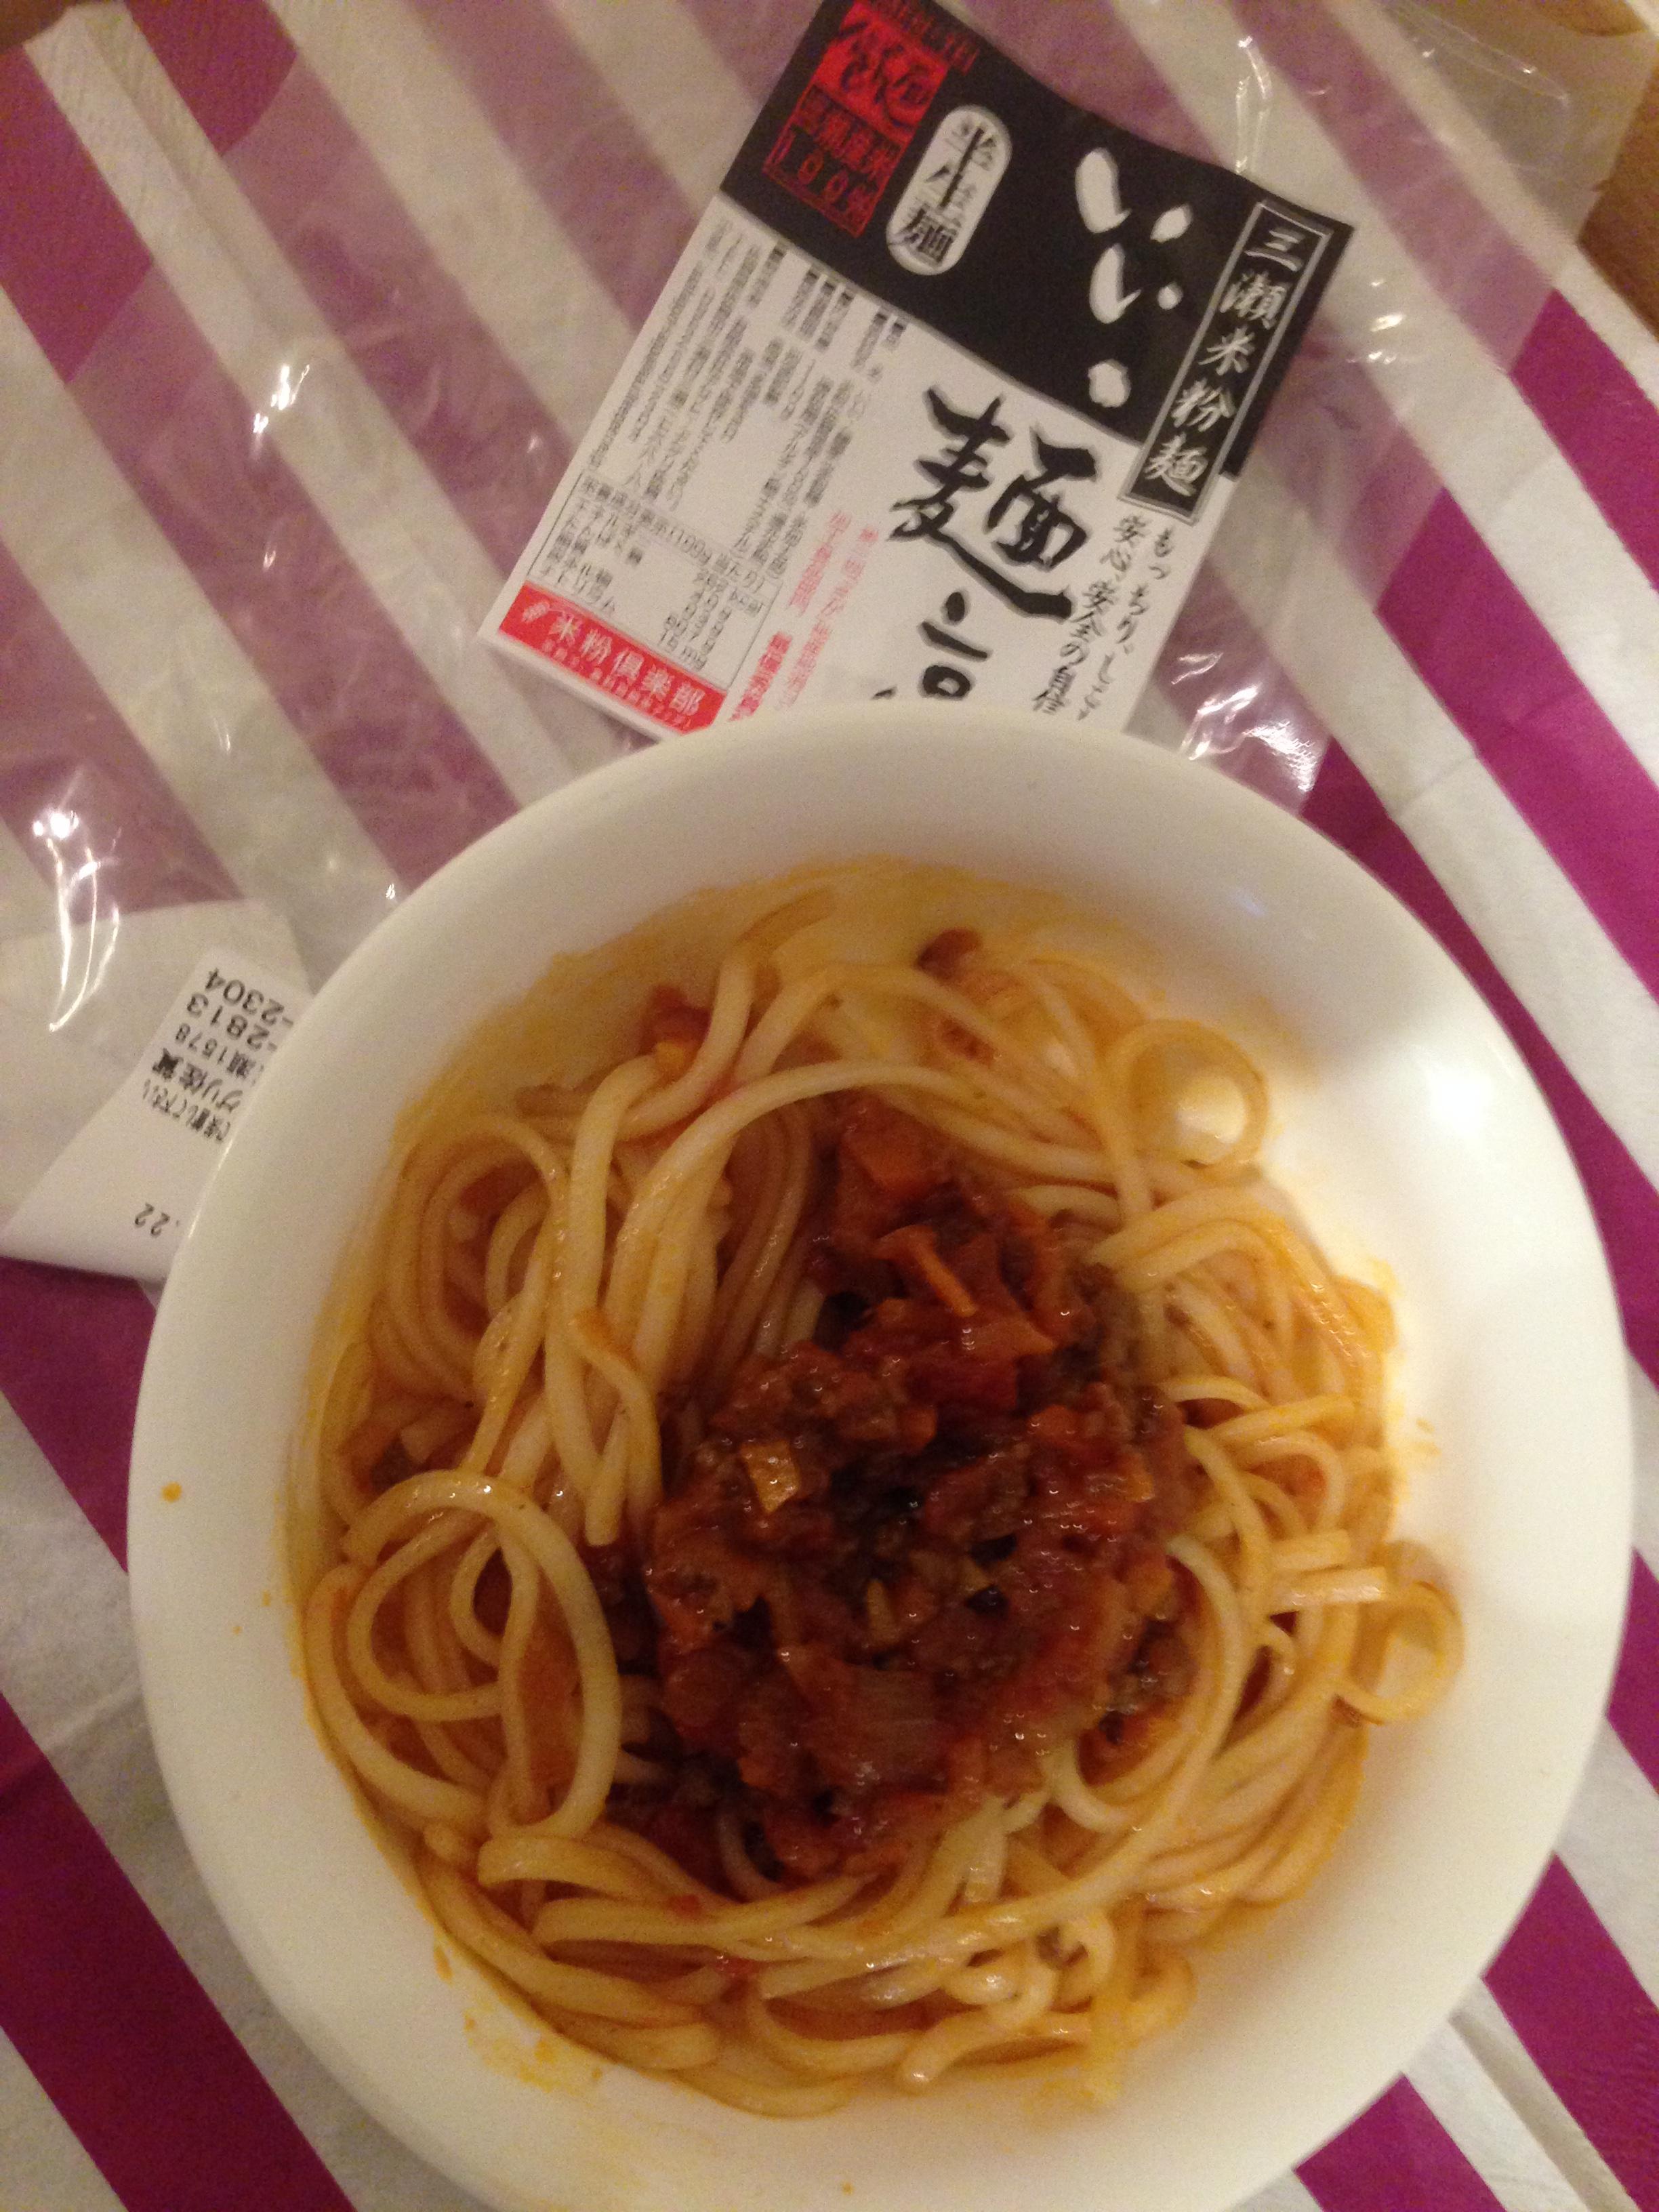 【卵・乳・小麦不使用】三瀬「いい麺亭」の米粉パスタについてご紹介